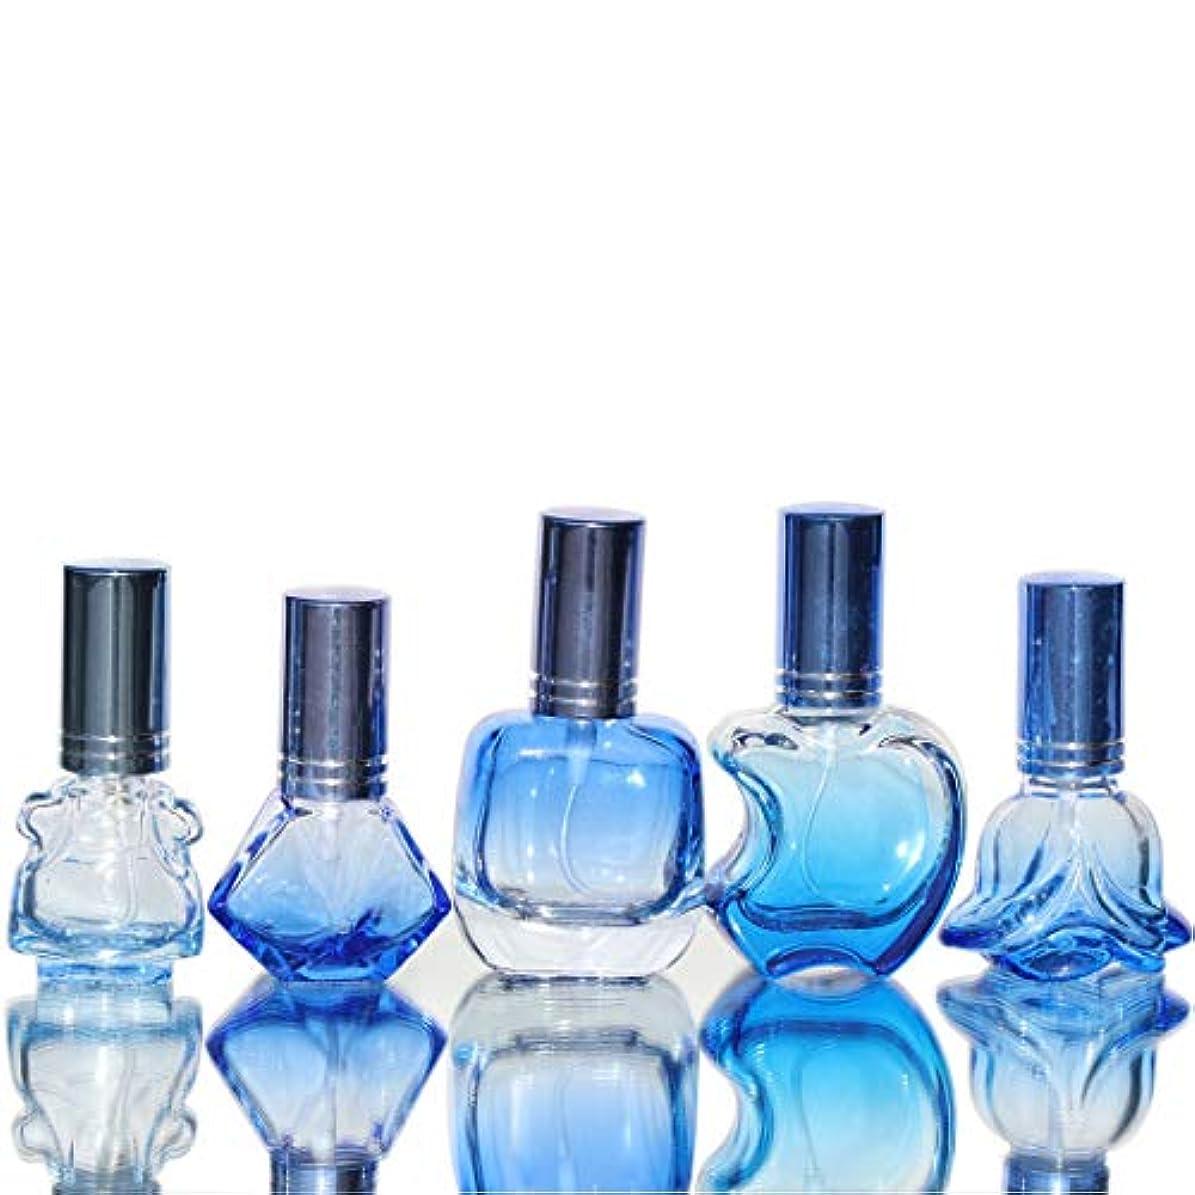 見物人旋回投げ捨てるWaltz&F カラフル ガラス製香水瓶 フレグランスボトル 詰替用瓶 空き アトマイザー 分け瓶 旅行用品 化粧水用瓶